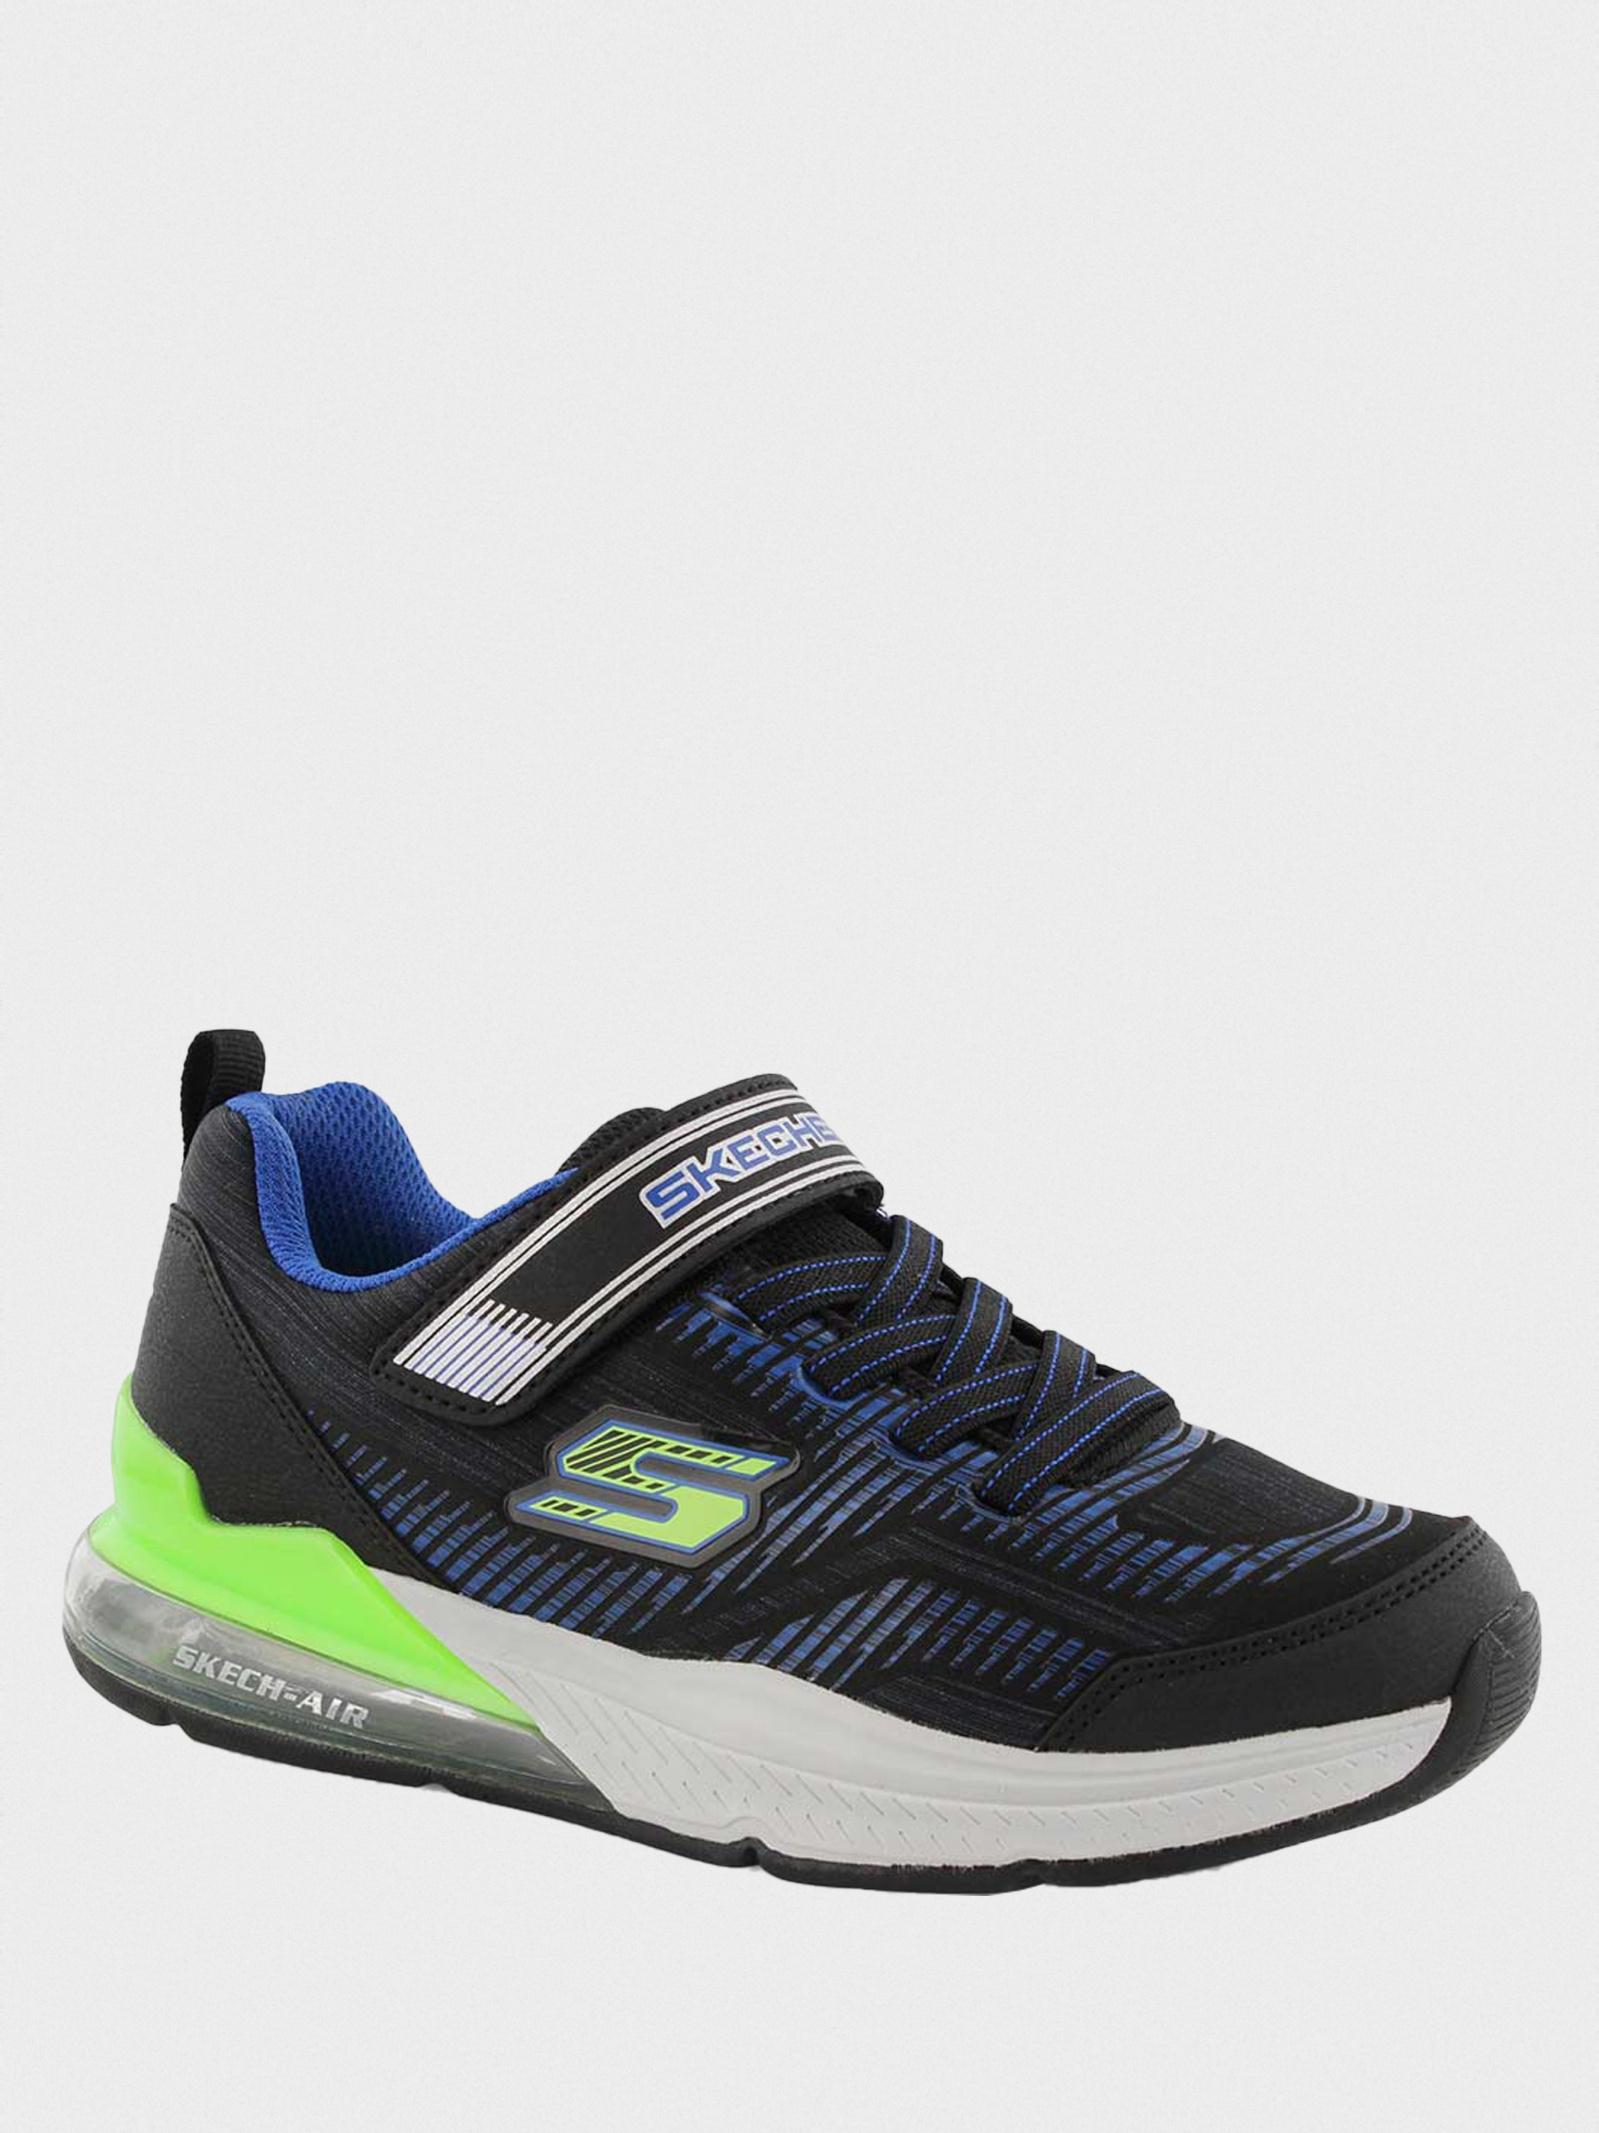 Кроссовки для детей Skechers 97743L BBLM Заказать, 2017